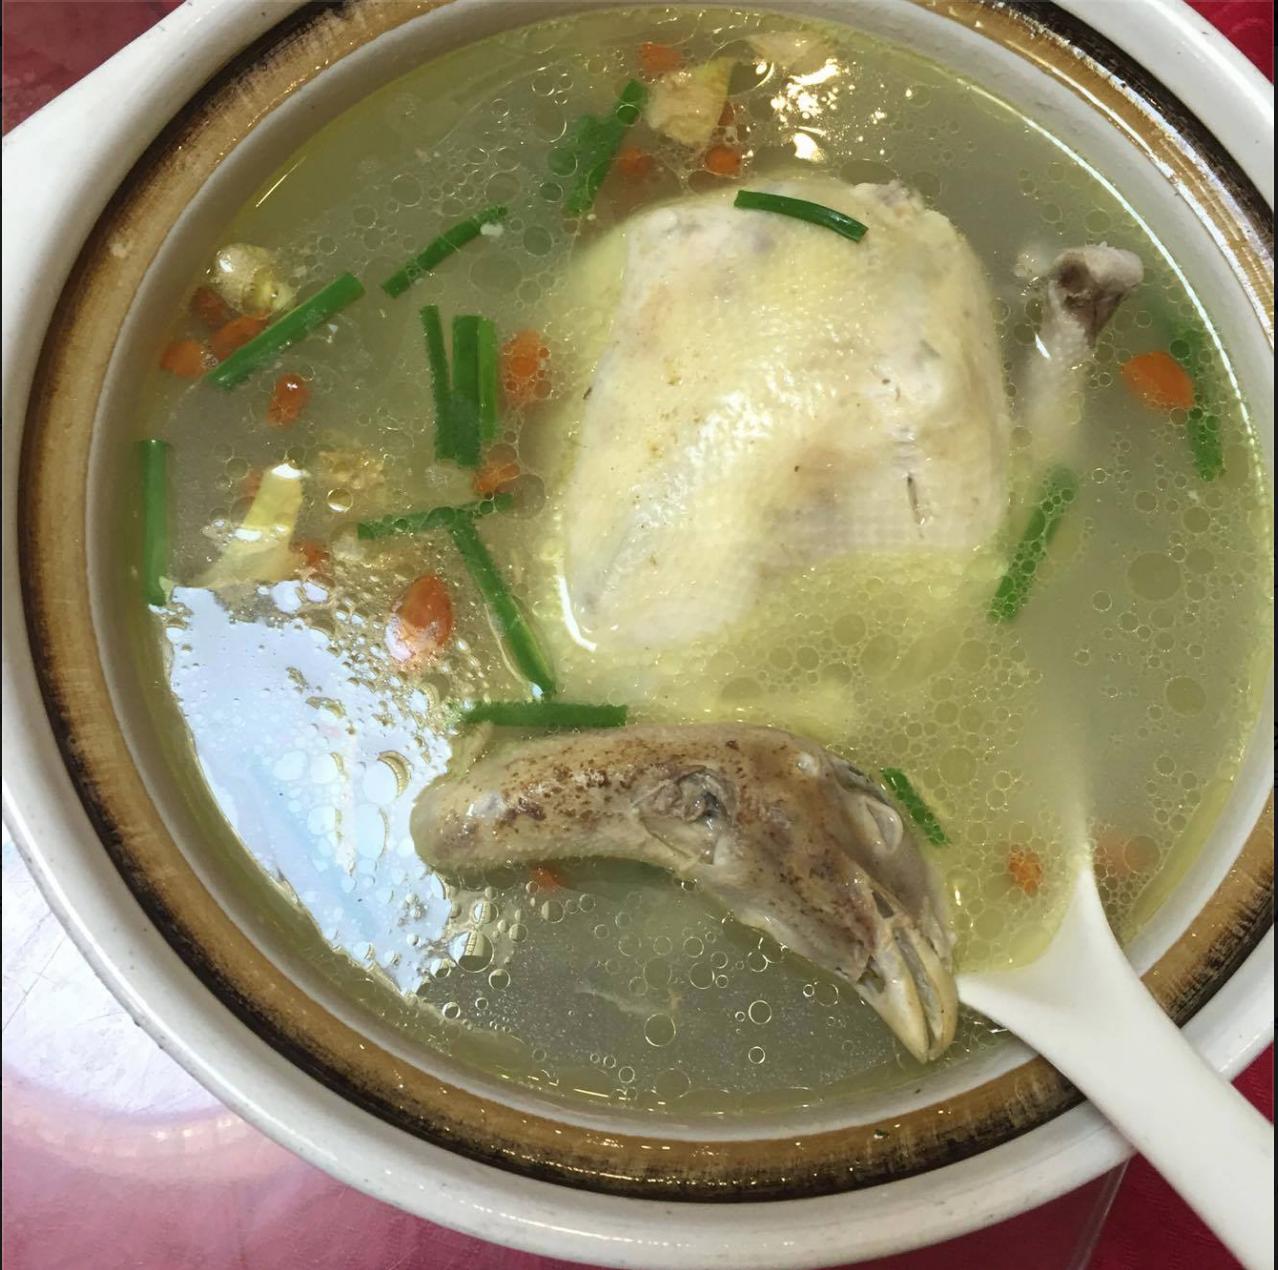 Mit lækre første måltid i Kina. Gæt et dyr haha